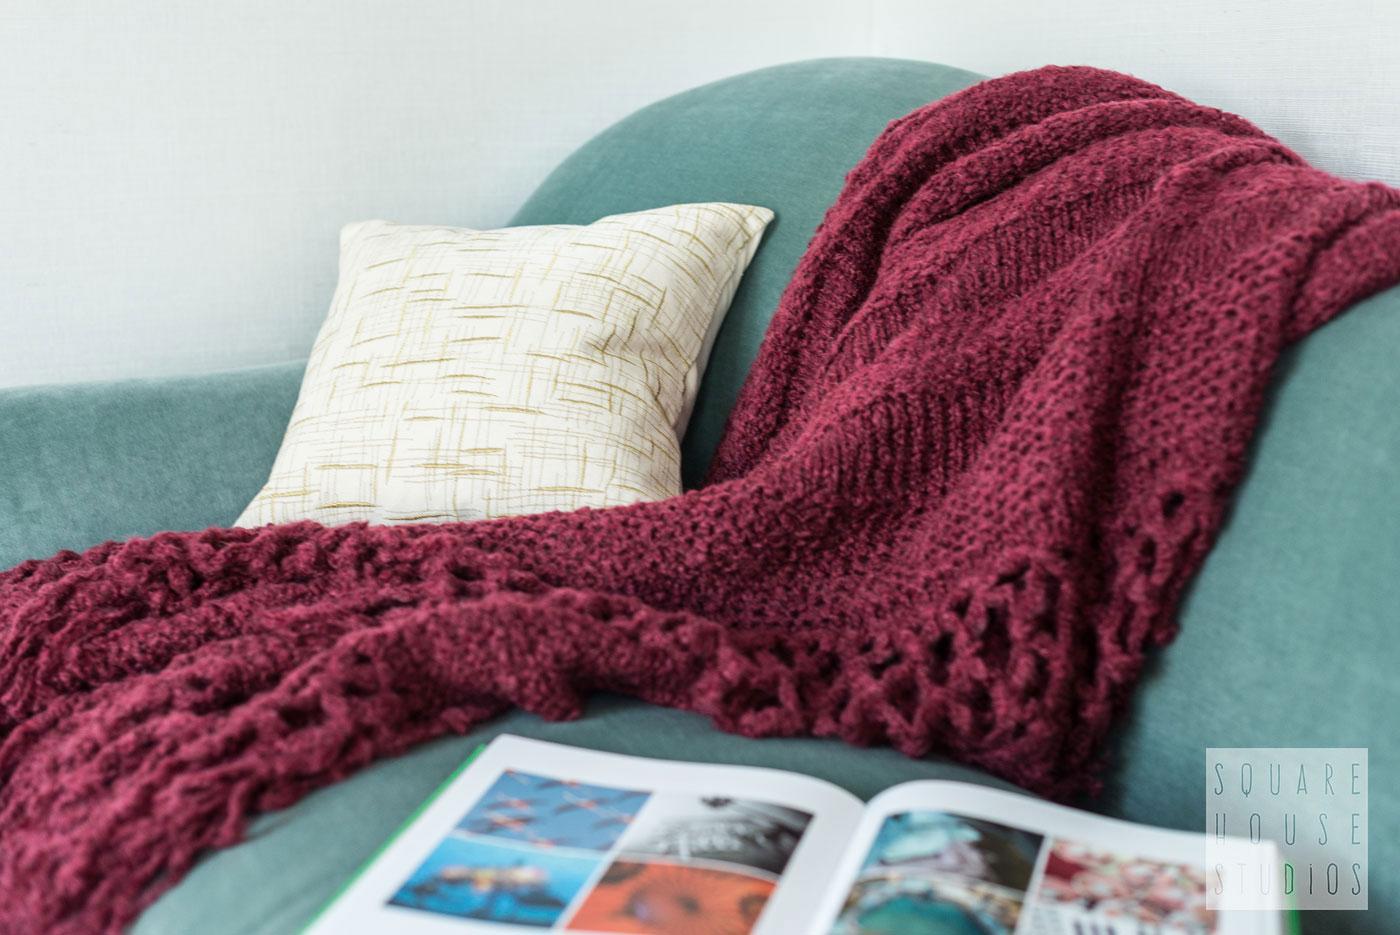 teal-sofa-closeup.jpg